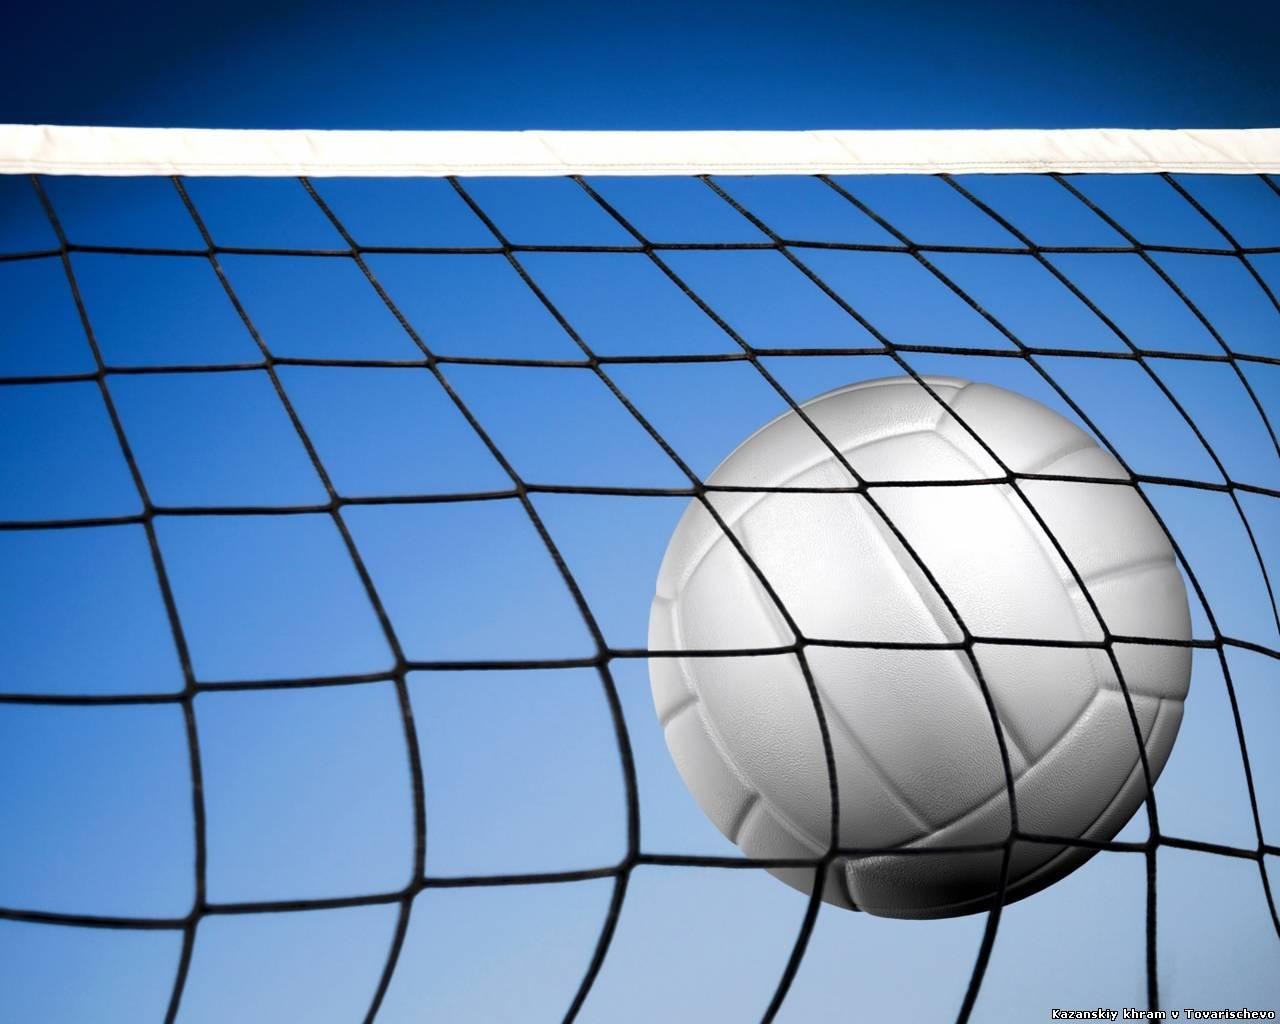 Обои волейбольный мяч на рабочий стол